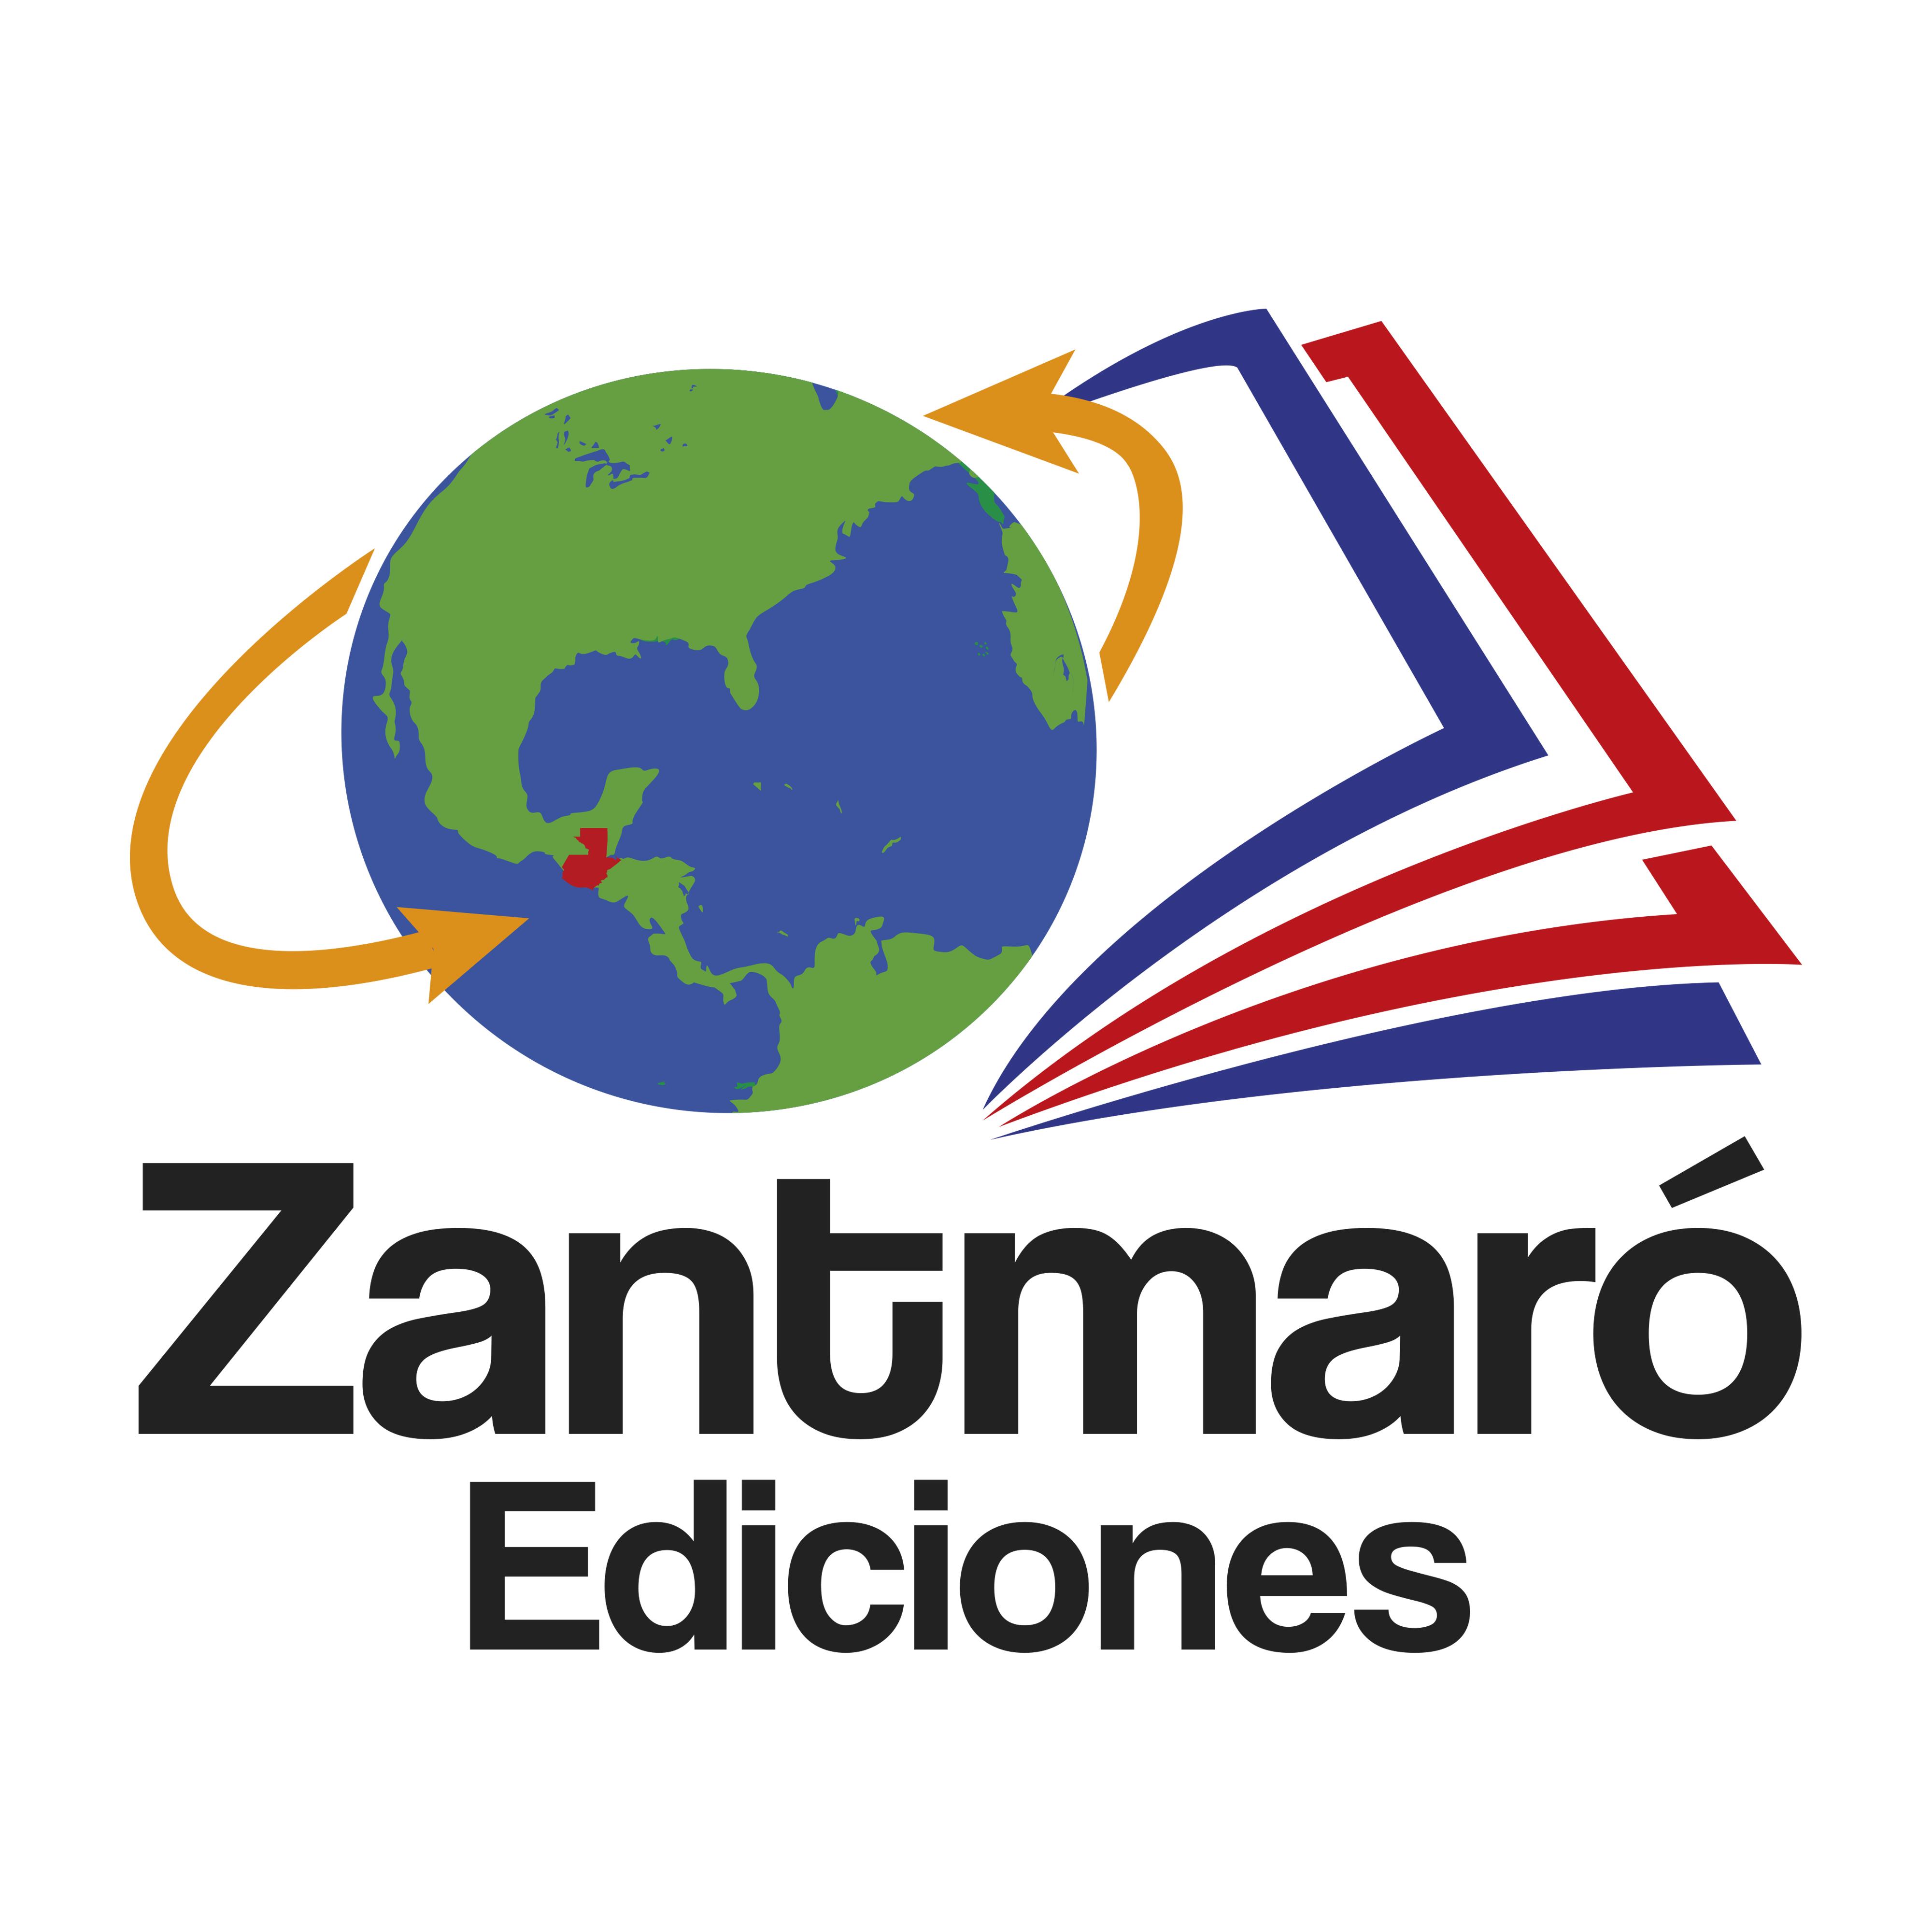 Zantmaro Ediciones